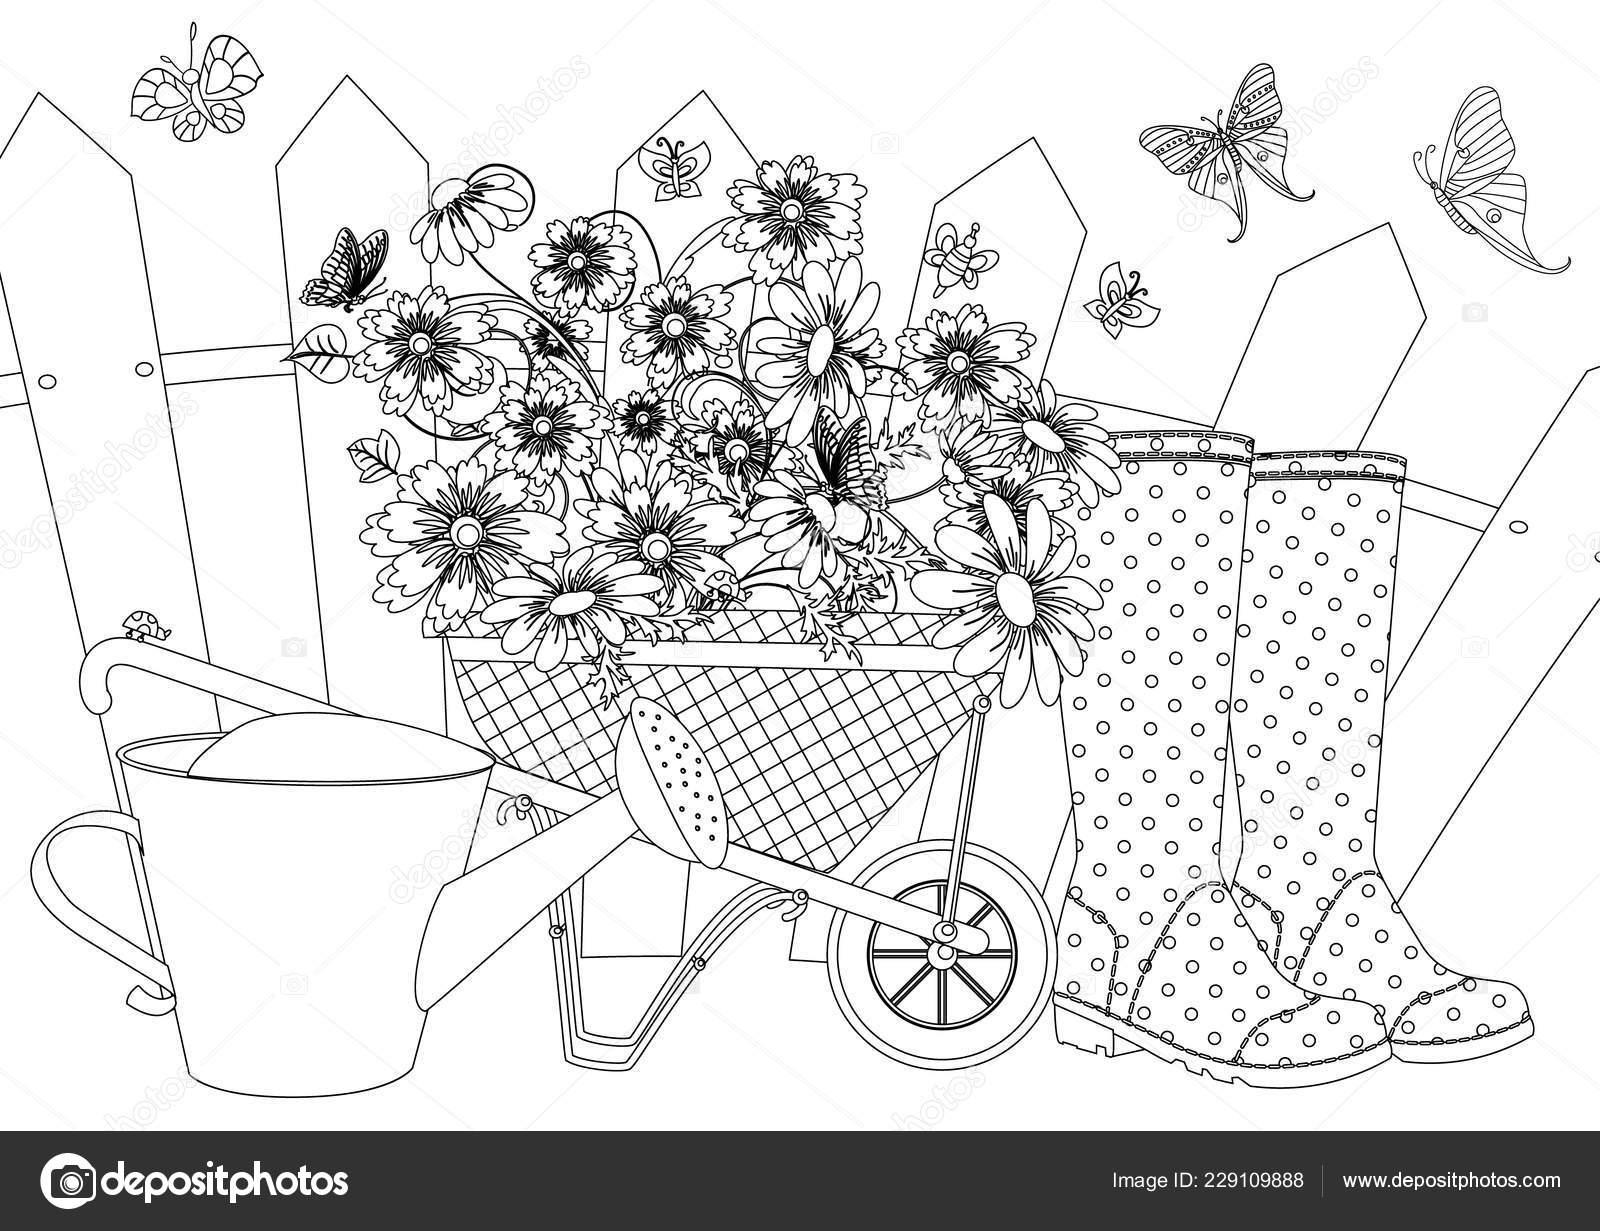 сельский пейзаж набором прекрасные цветы садовые тачки лейка